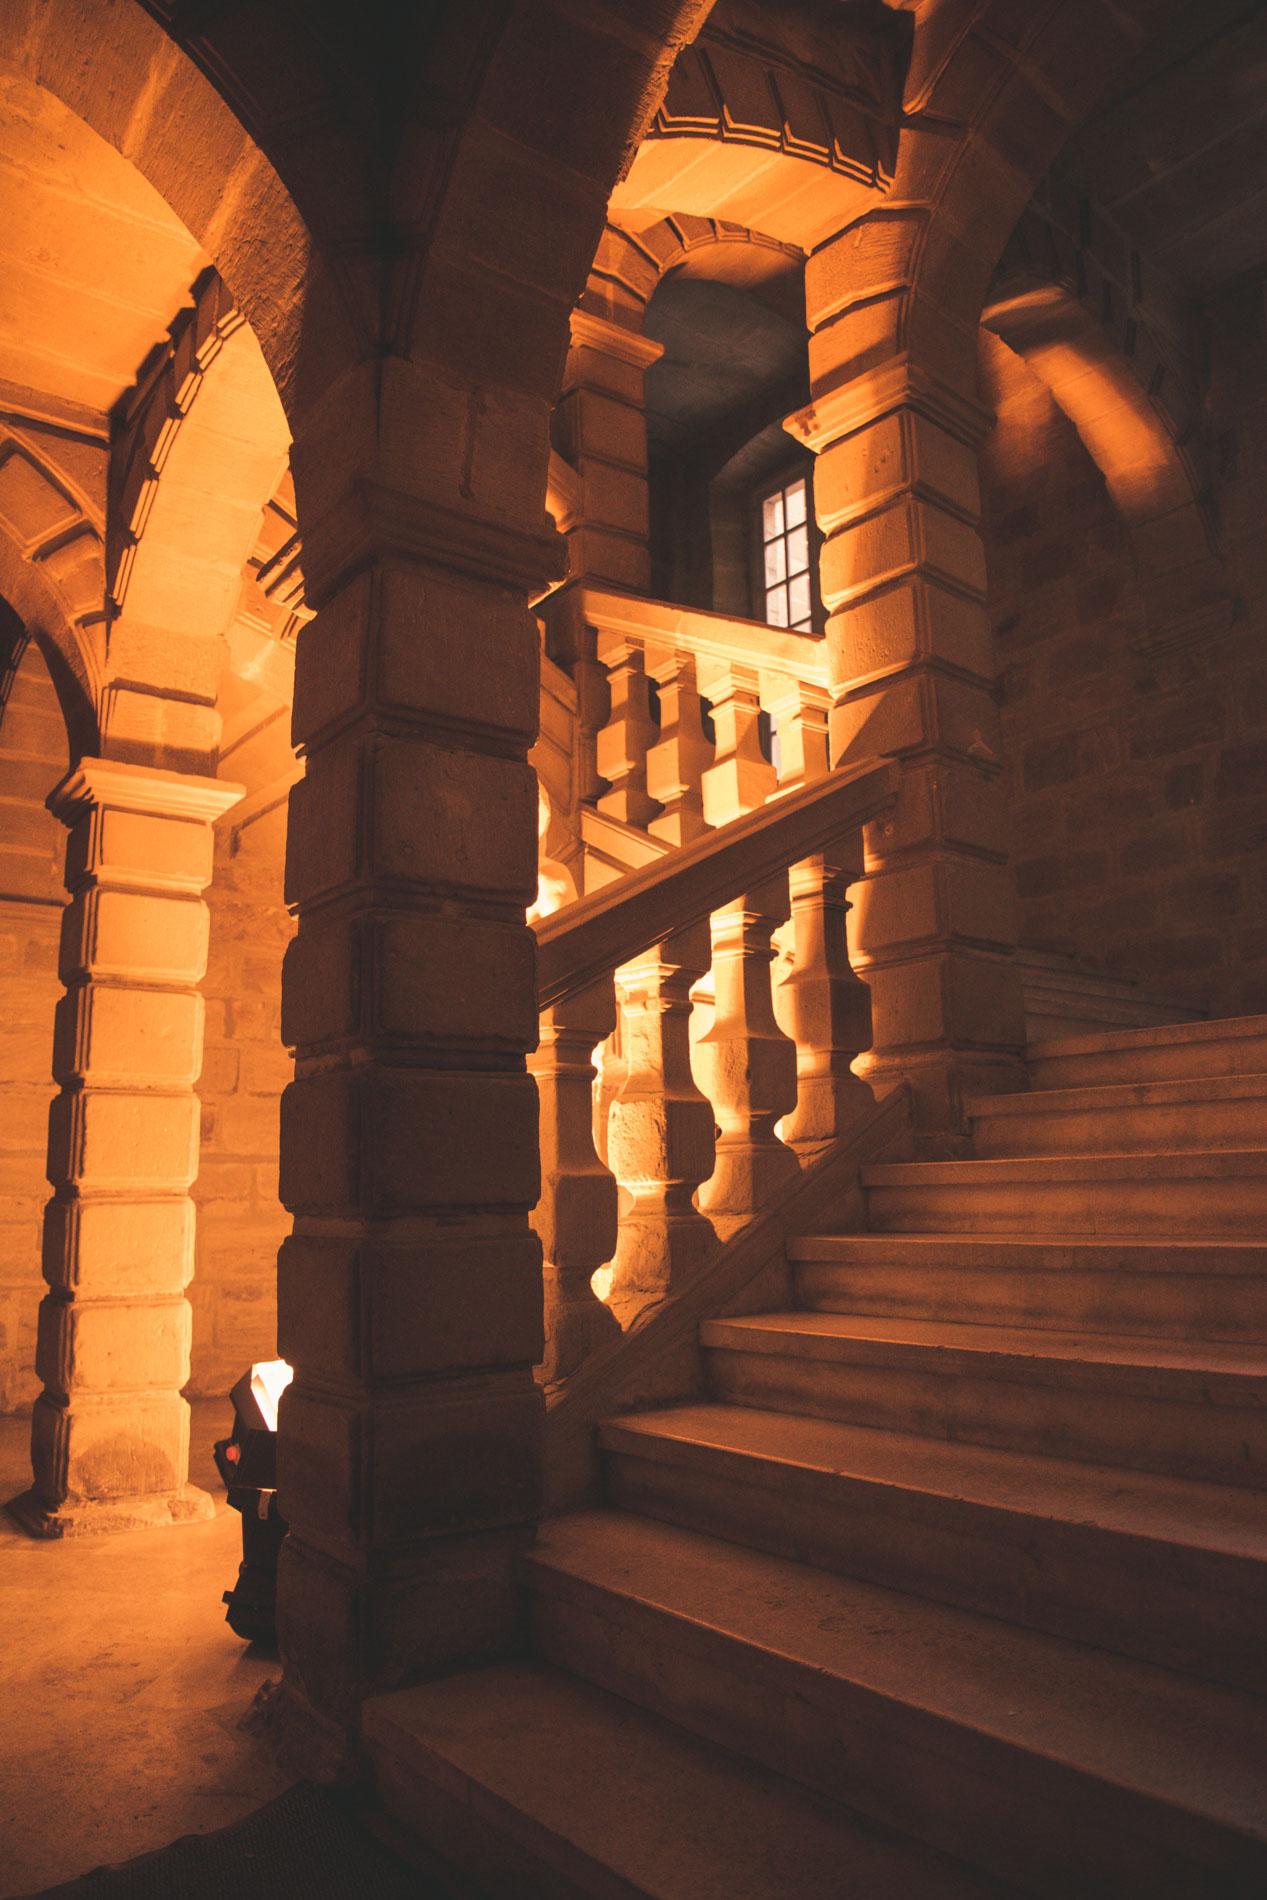 escalier-hotel-de-ville-brive